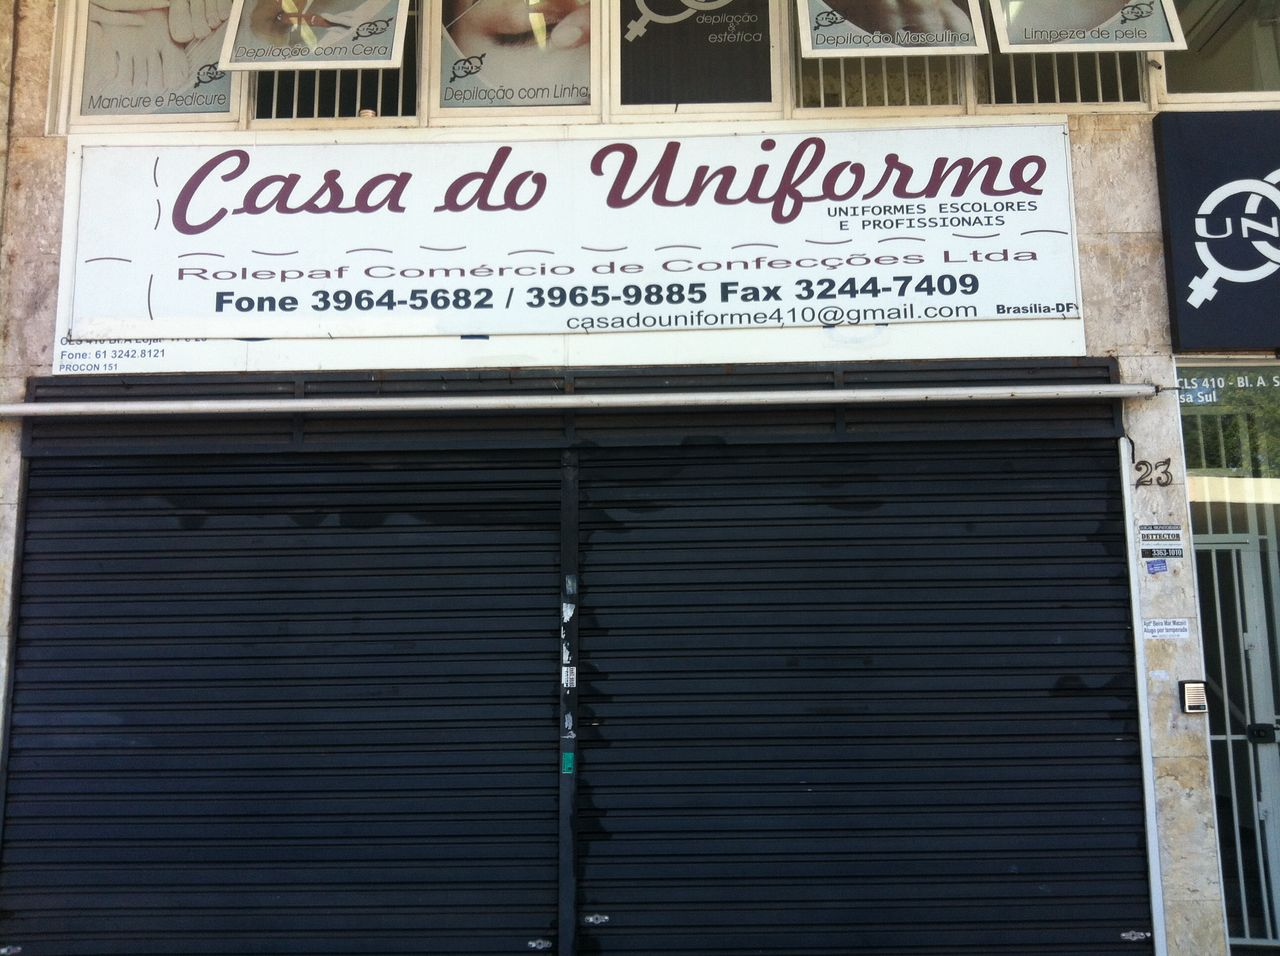 Casa do Uniforme, uniformes profissionais e escolares, CLS 410, Bloco A, Loja 23, Asa Sul, Comércio Brasilia